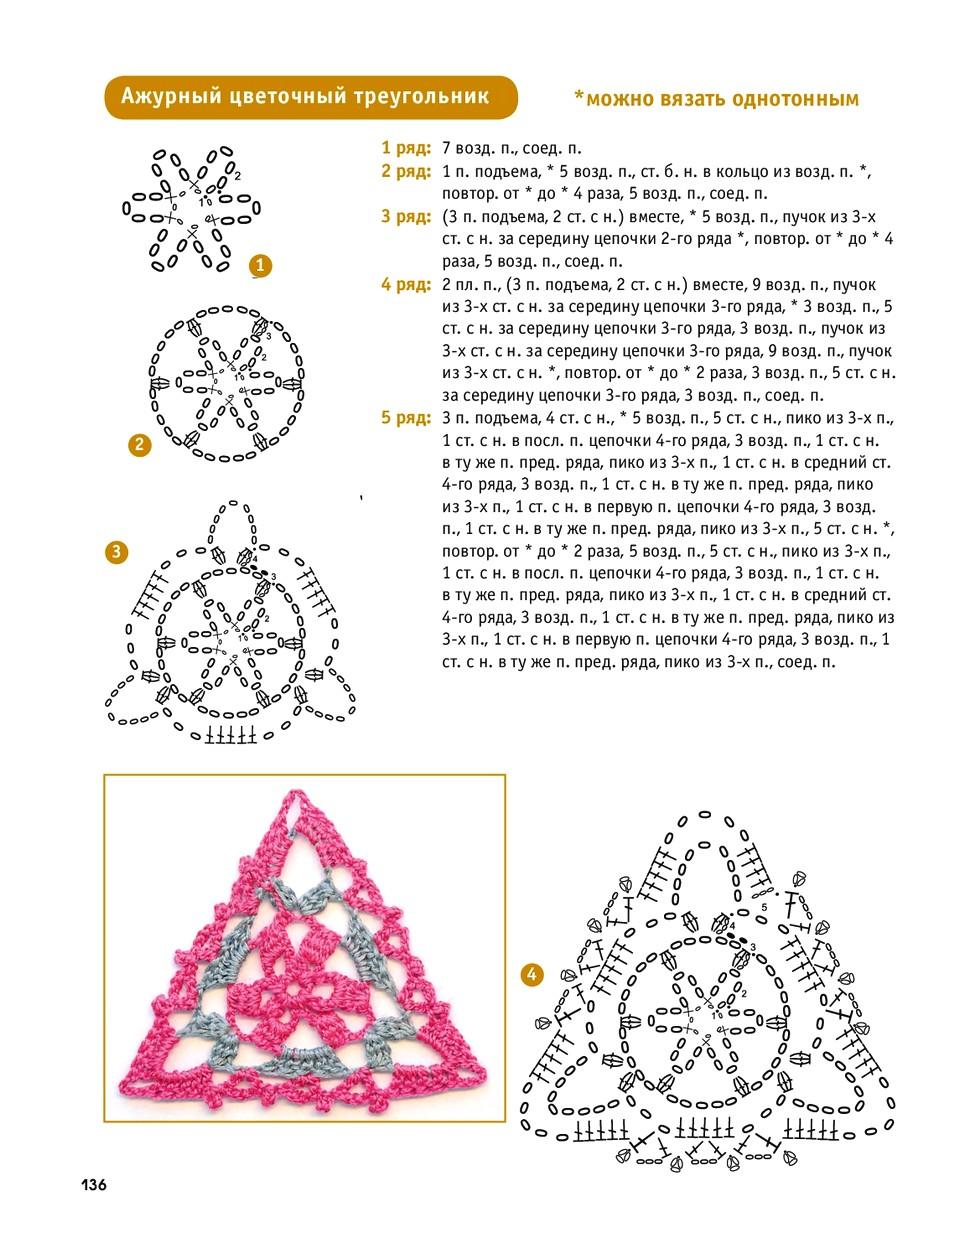 bibliya-vyazaniya-kruchkom-i-spicam-137